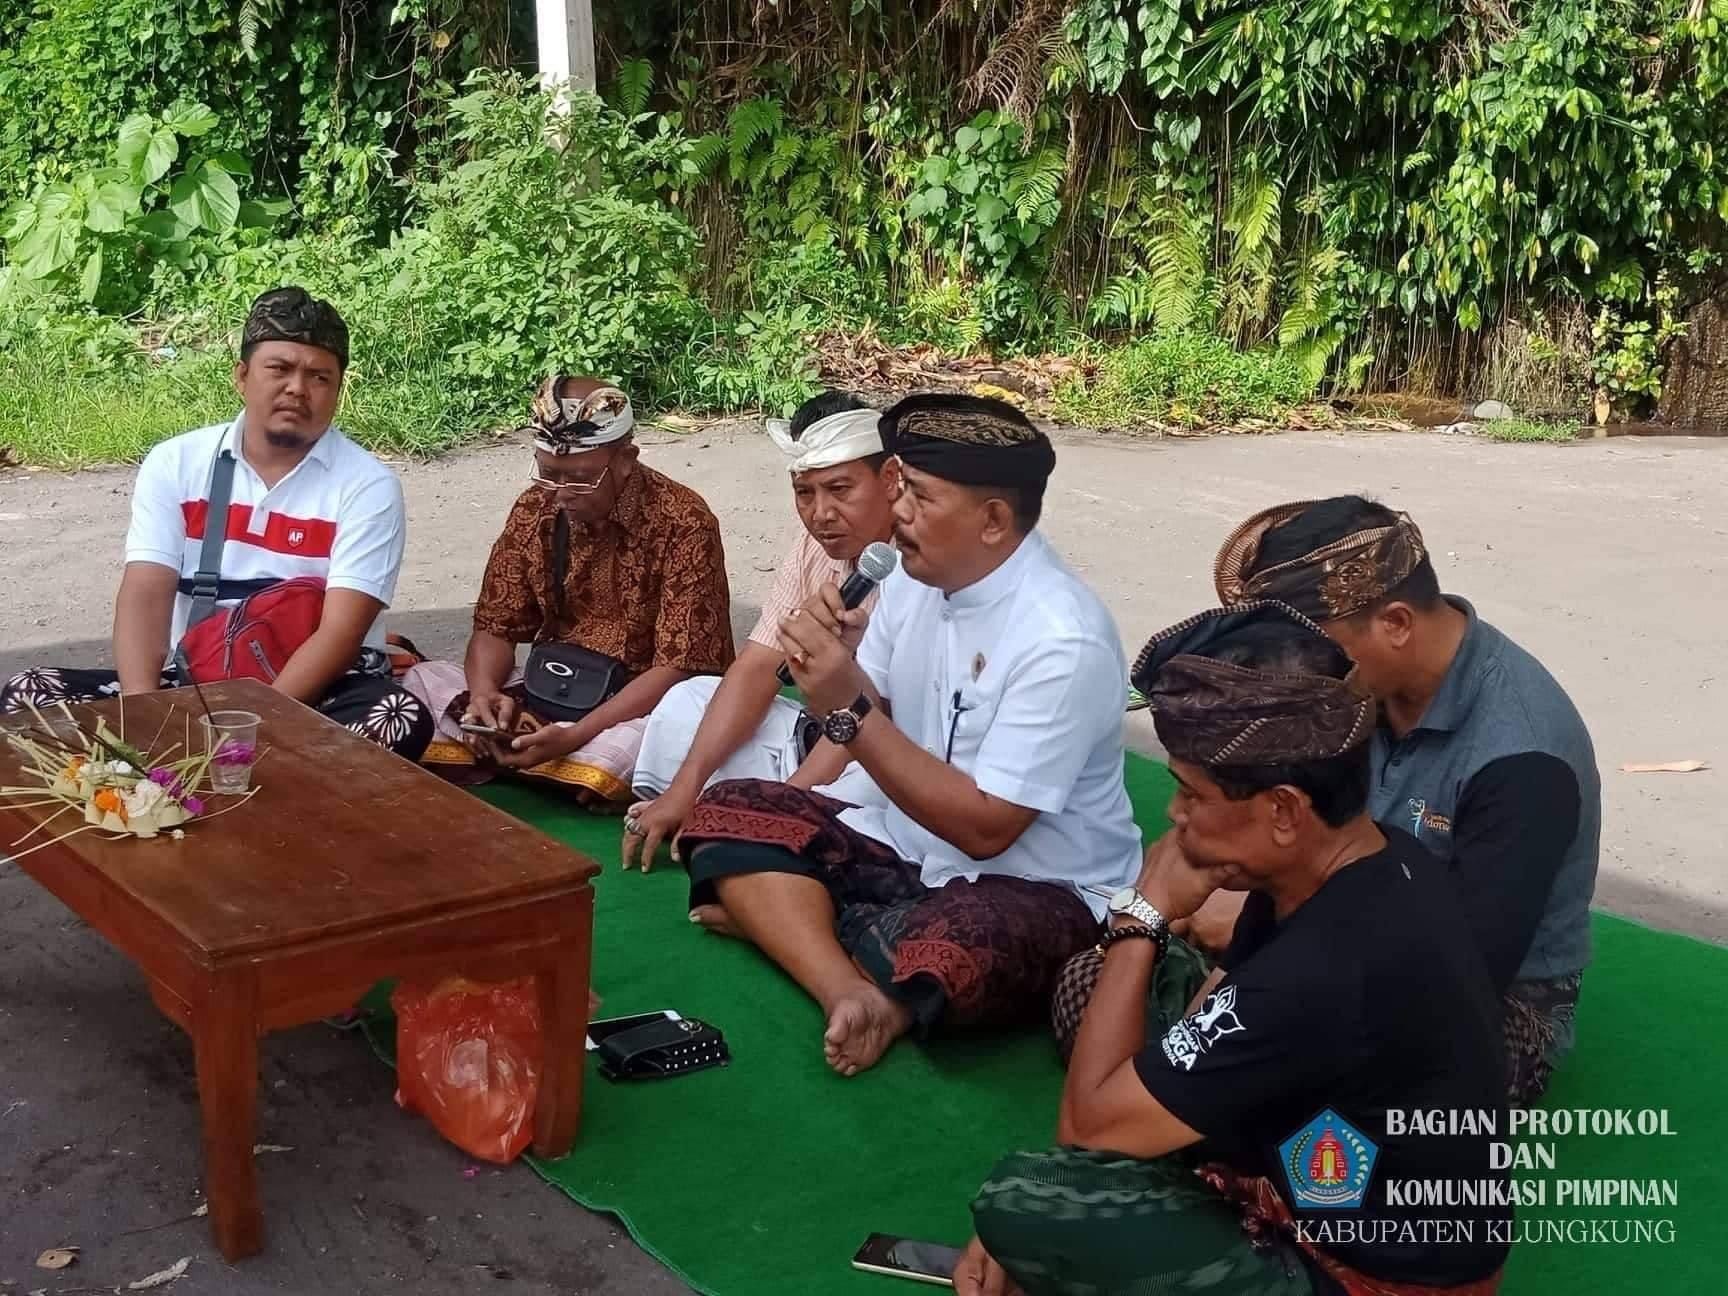 Wabup Klungkung menghadiri rapat persiapan pelaksanaan kegiatan Represmen Organisasi Perangkat Daera